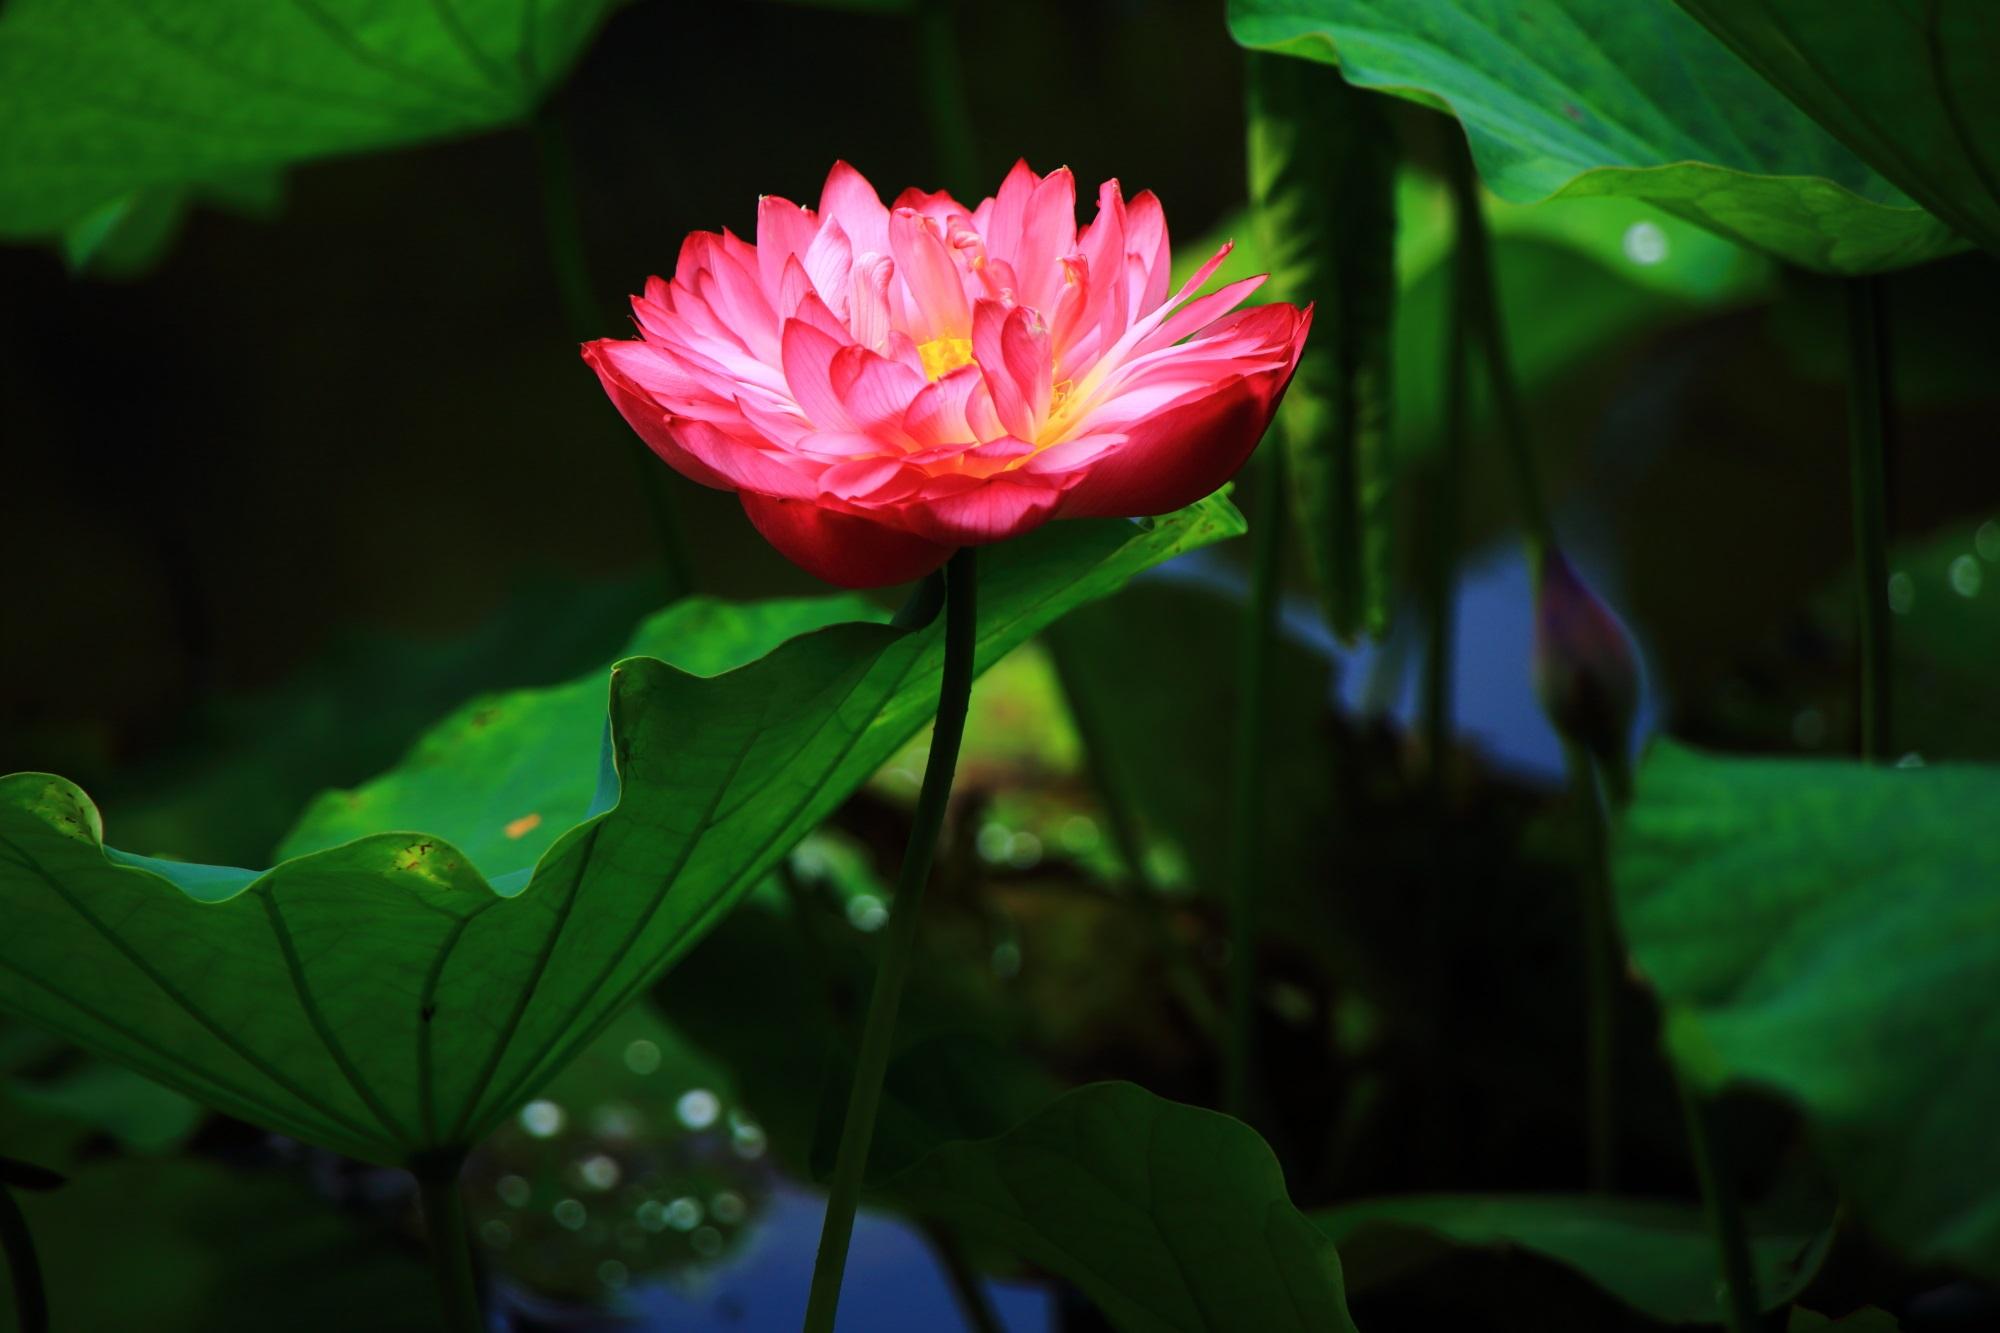 勧修寺の氷室池の花びらをいっぱいつけた艶やかなピンクの蓮の花